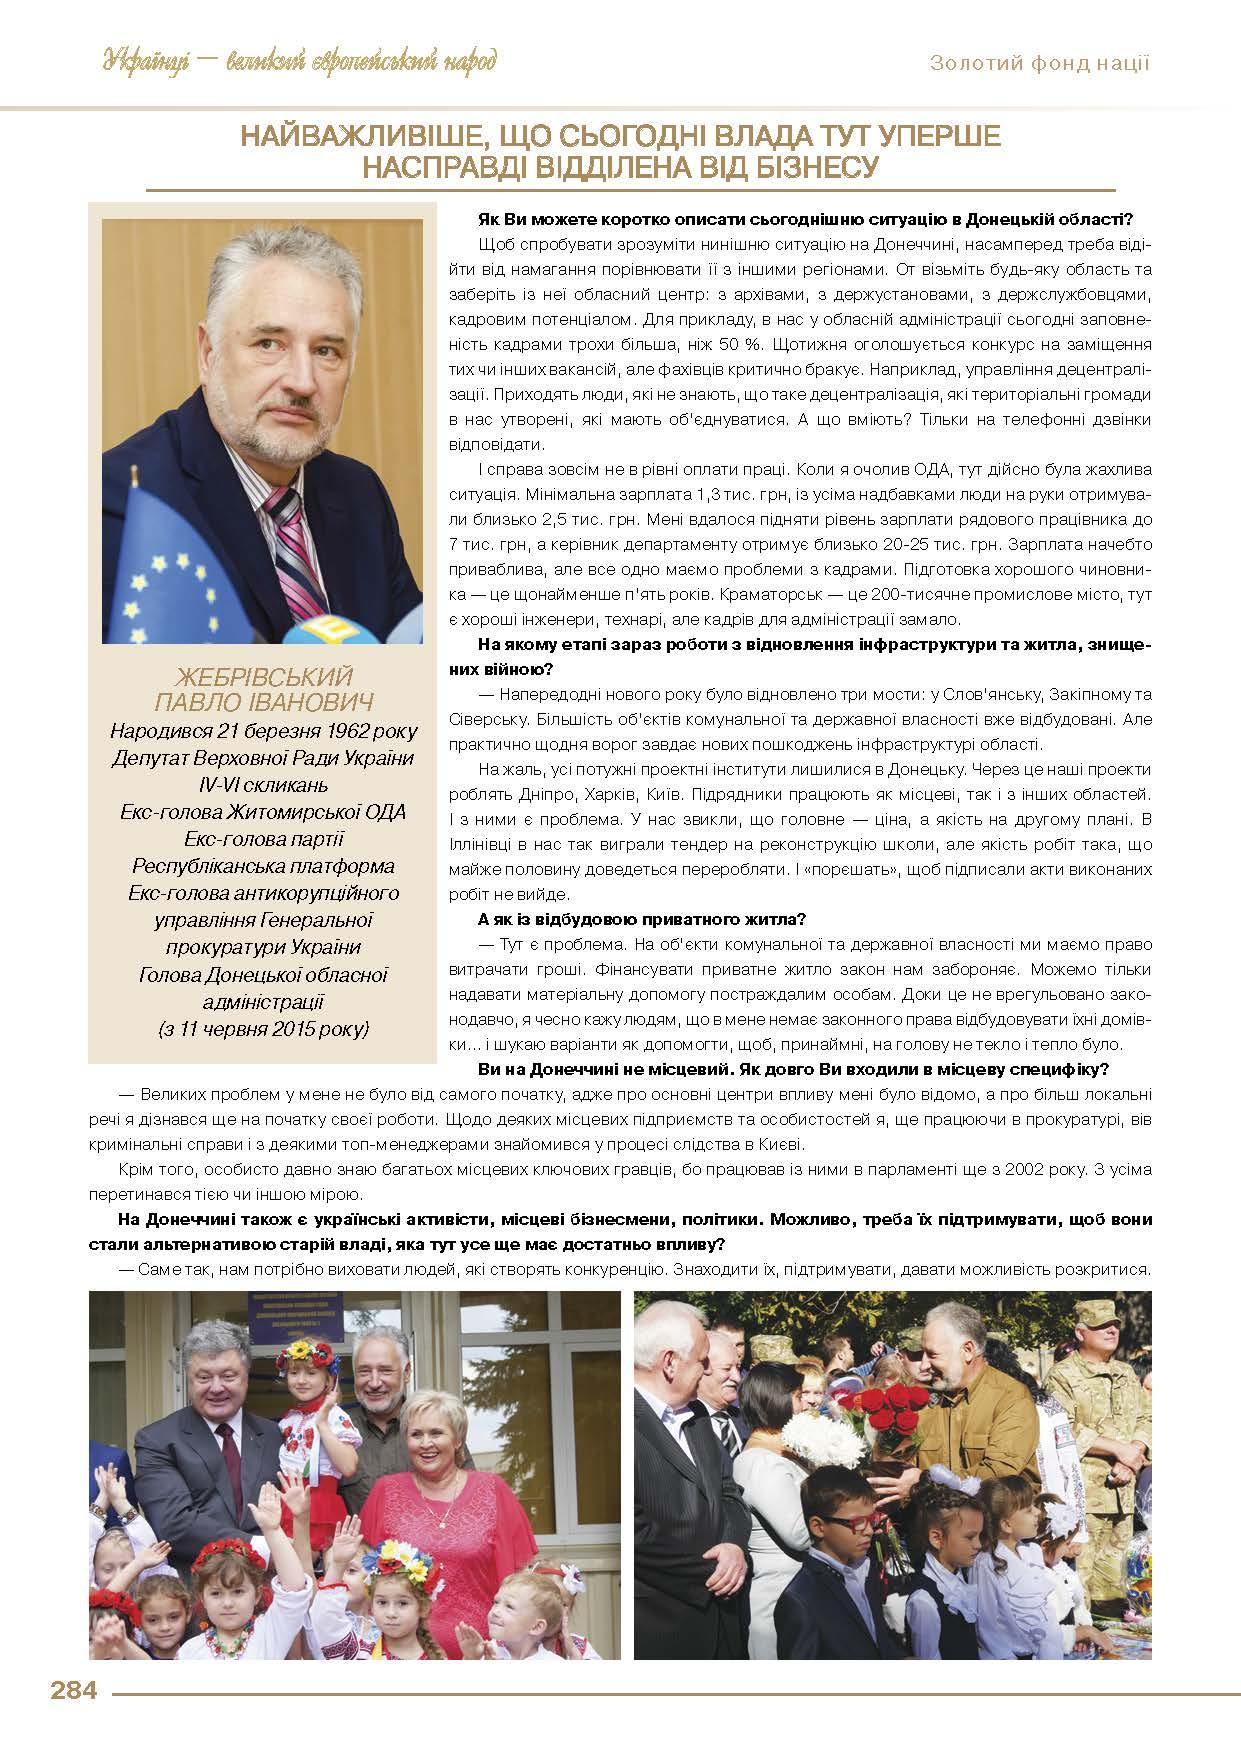 Жебрівський Павло Іванович